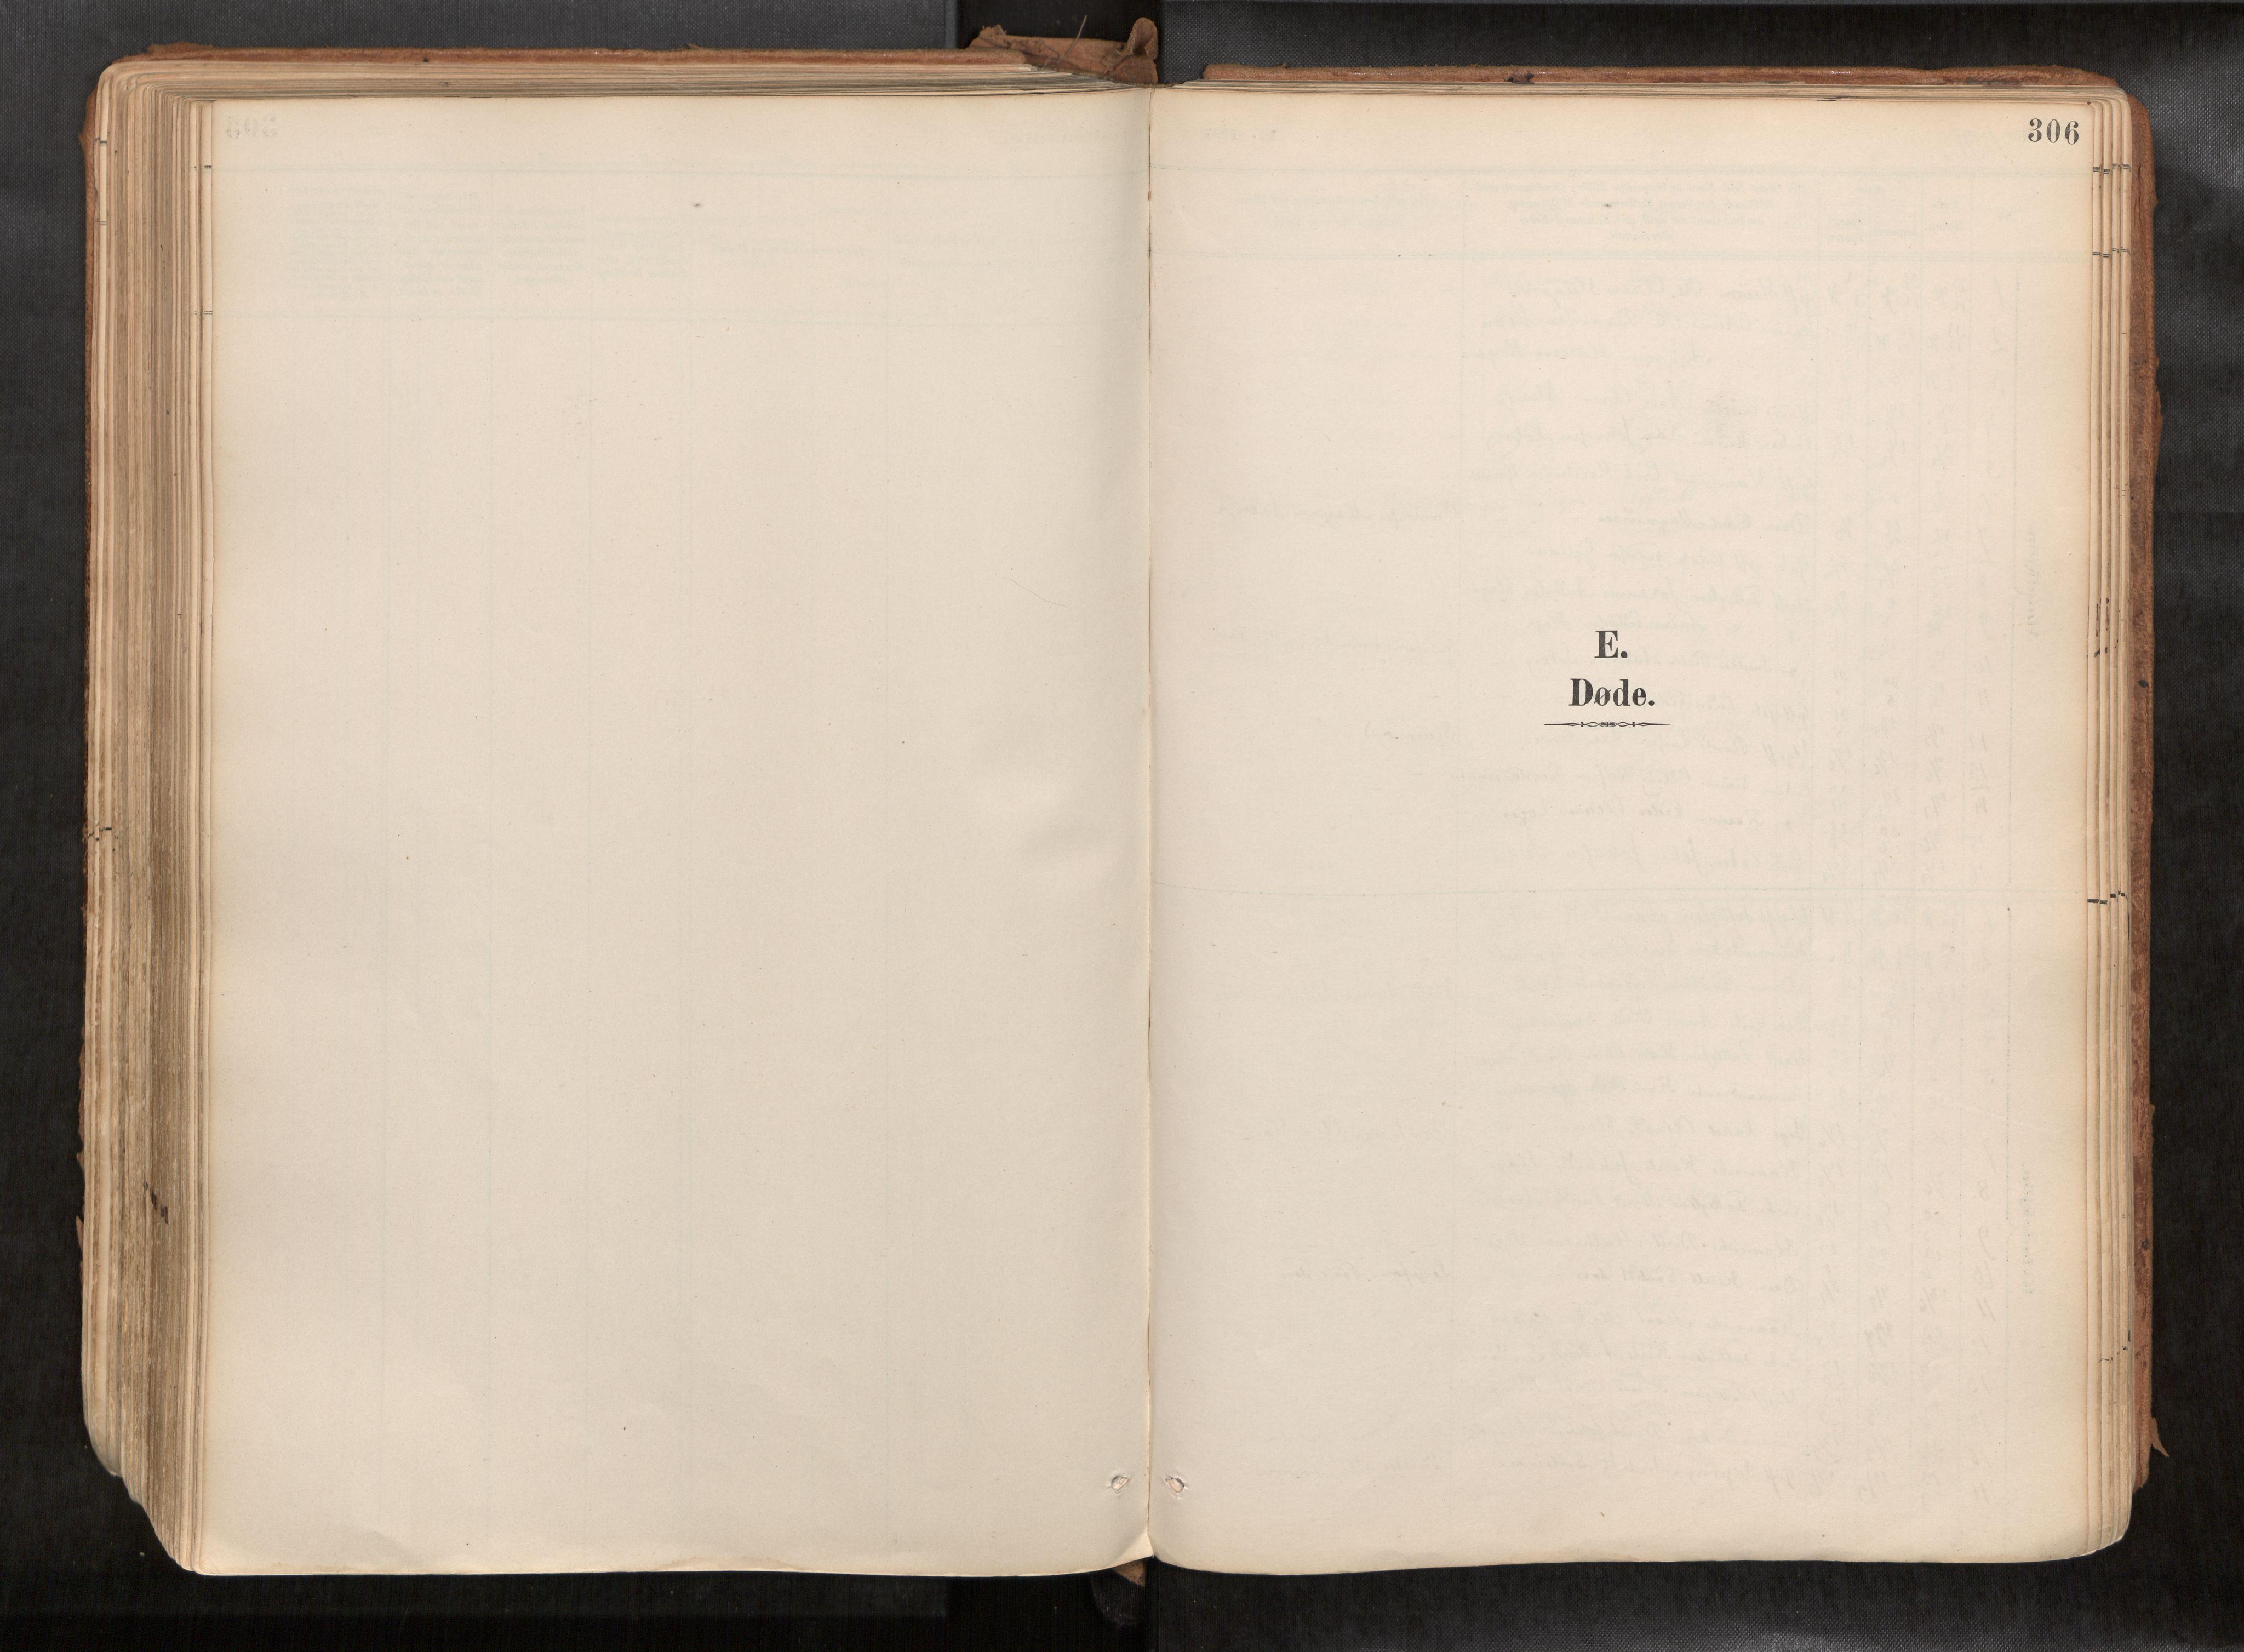 SAT, Ministerialprotokoller, klokkerbøker og fødselsregistre - Sør-Trøndelag, 692/L1105b: Ministerialbok nr. 692A06, 1891-1934, s. 306